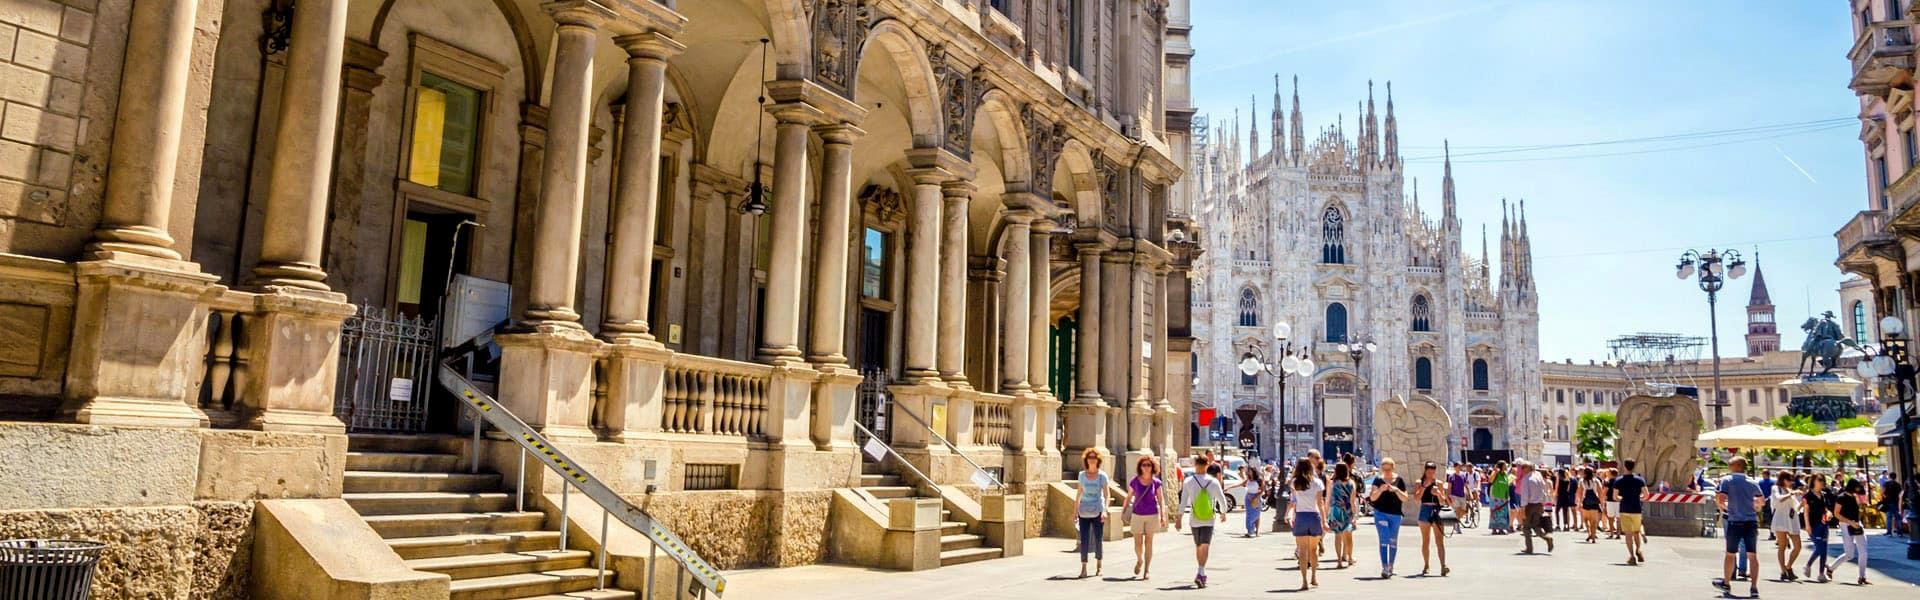 Индивидуальные обзорные экскурсии по Милану